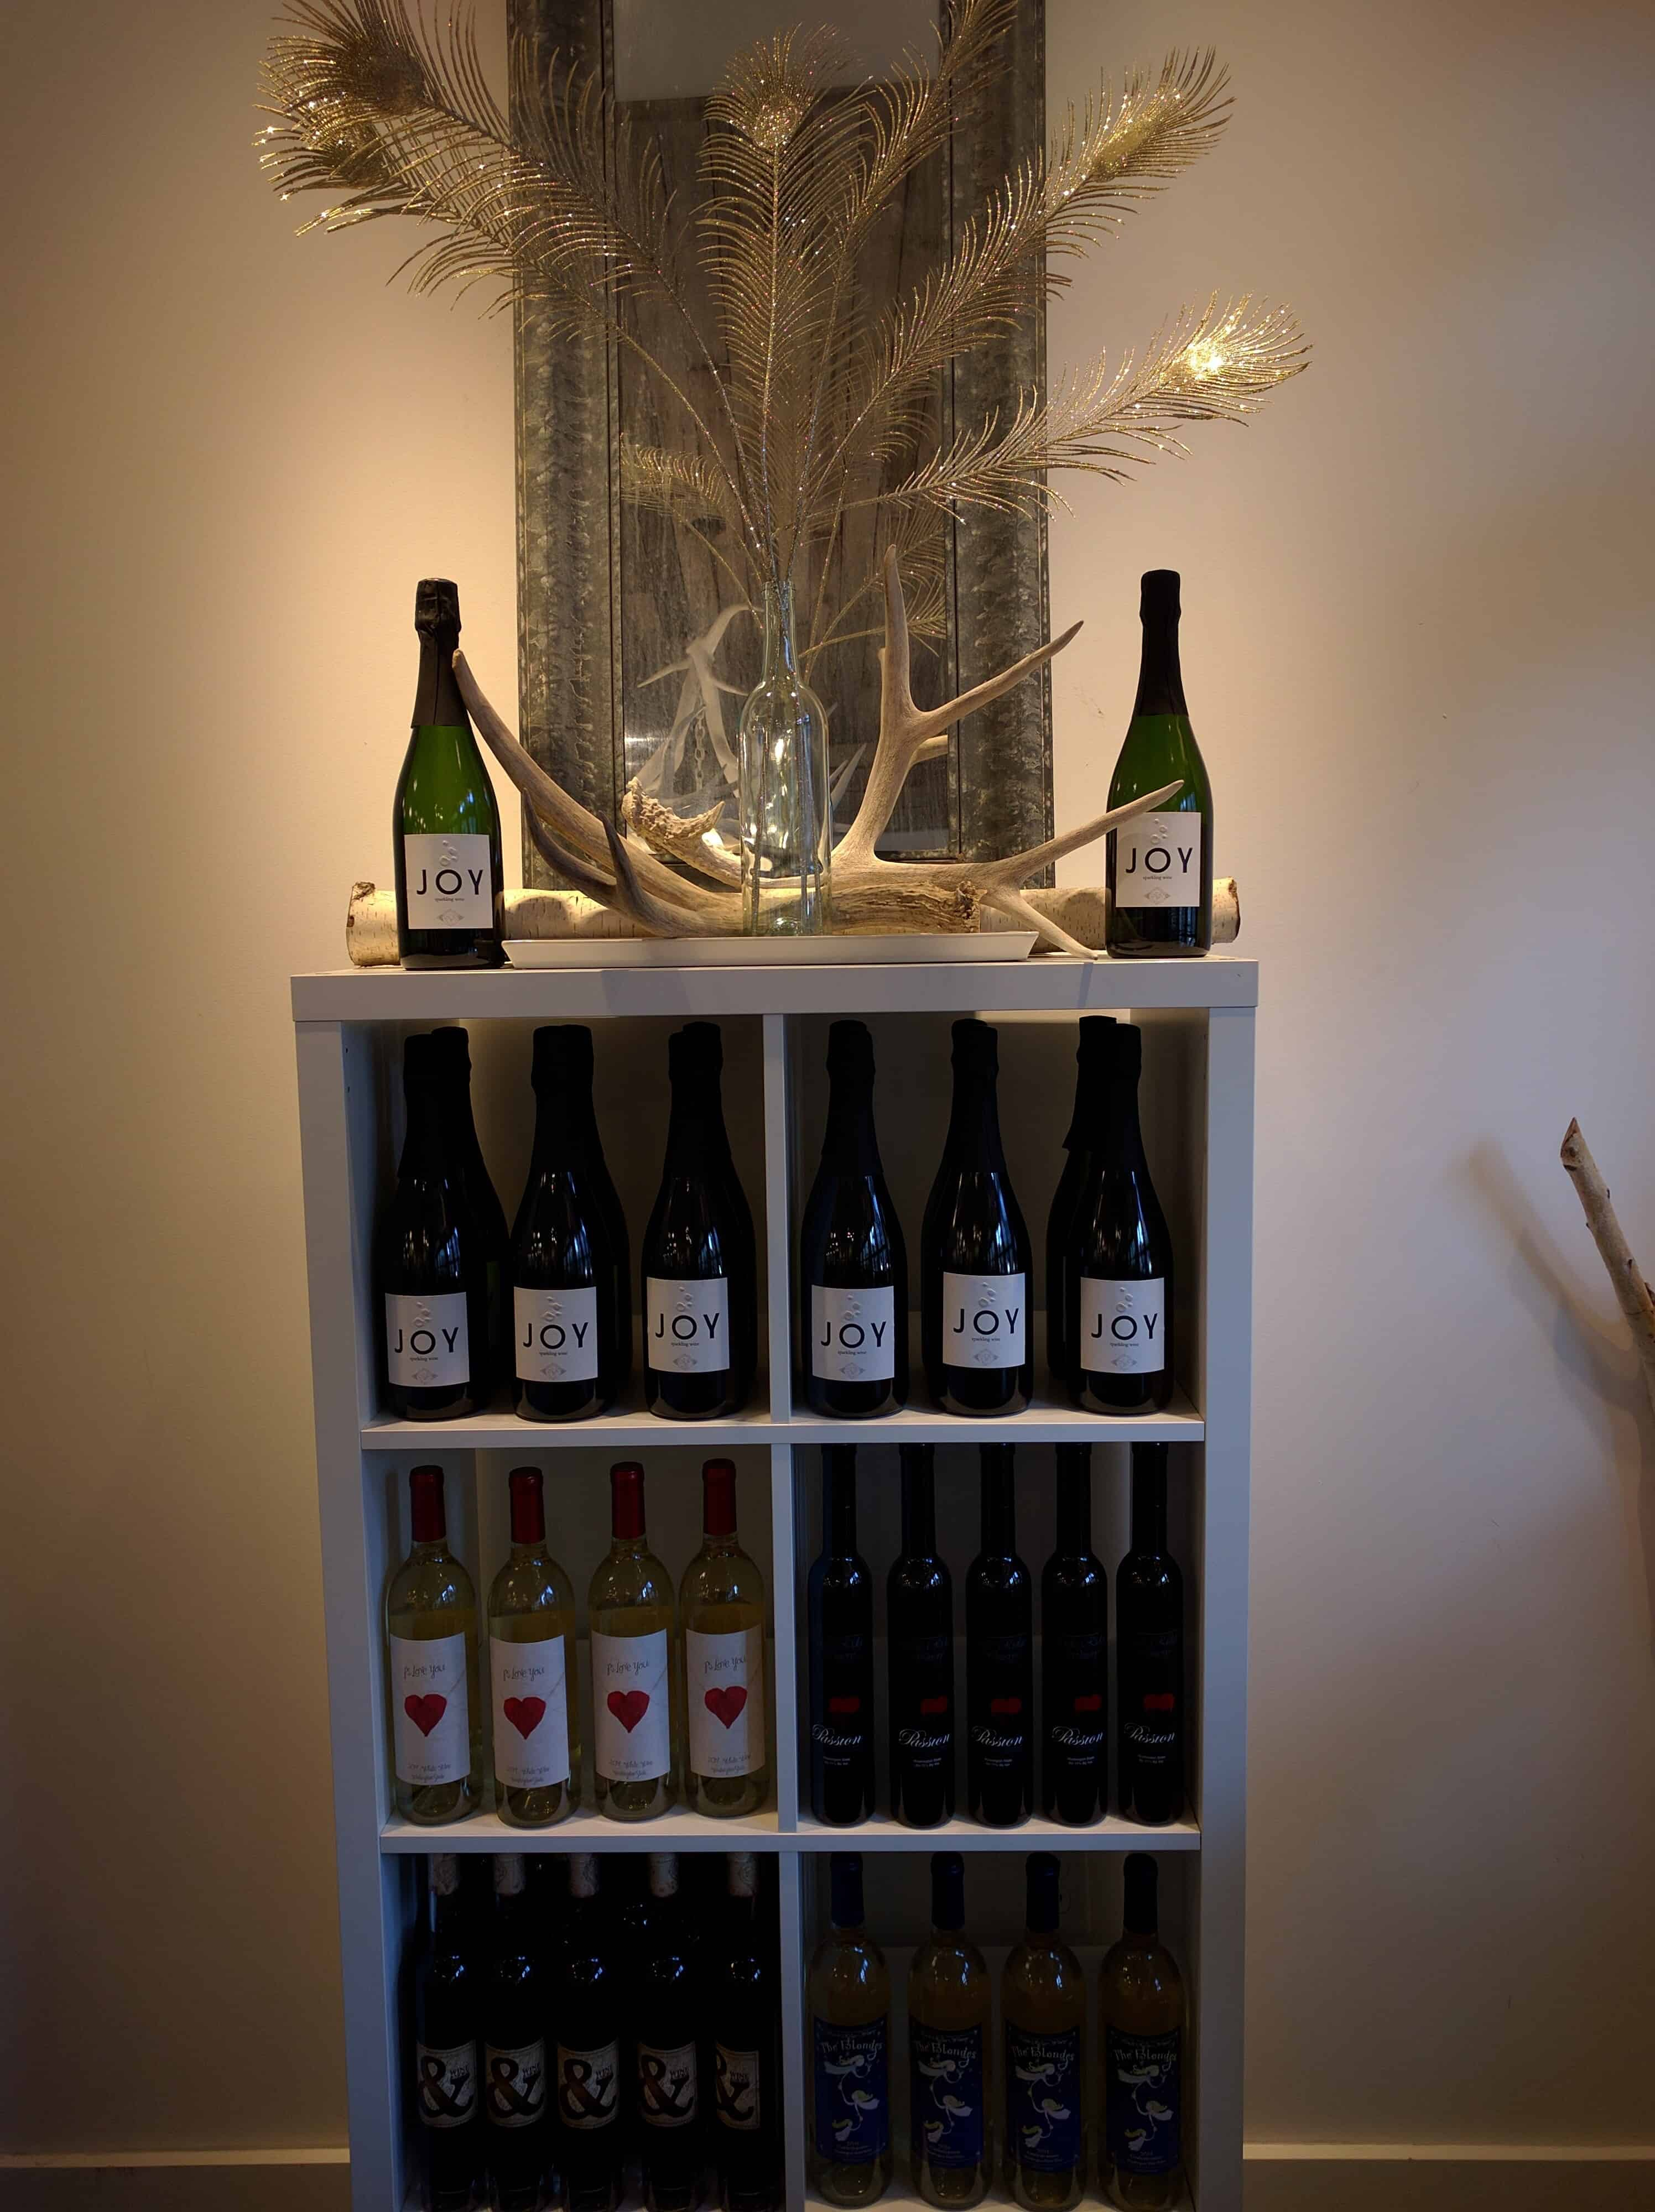 Leavenworth Icicle Winery Bottle of Joy